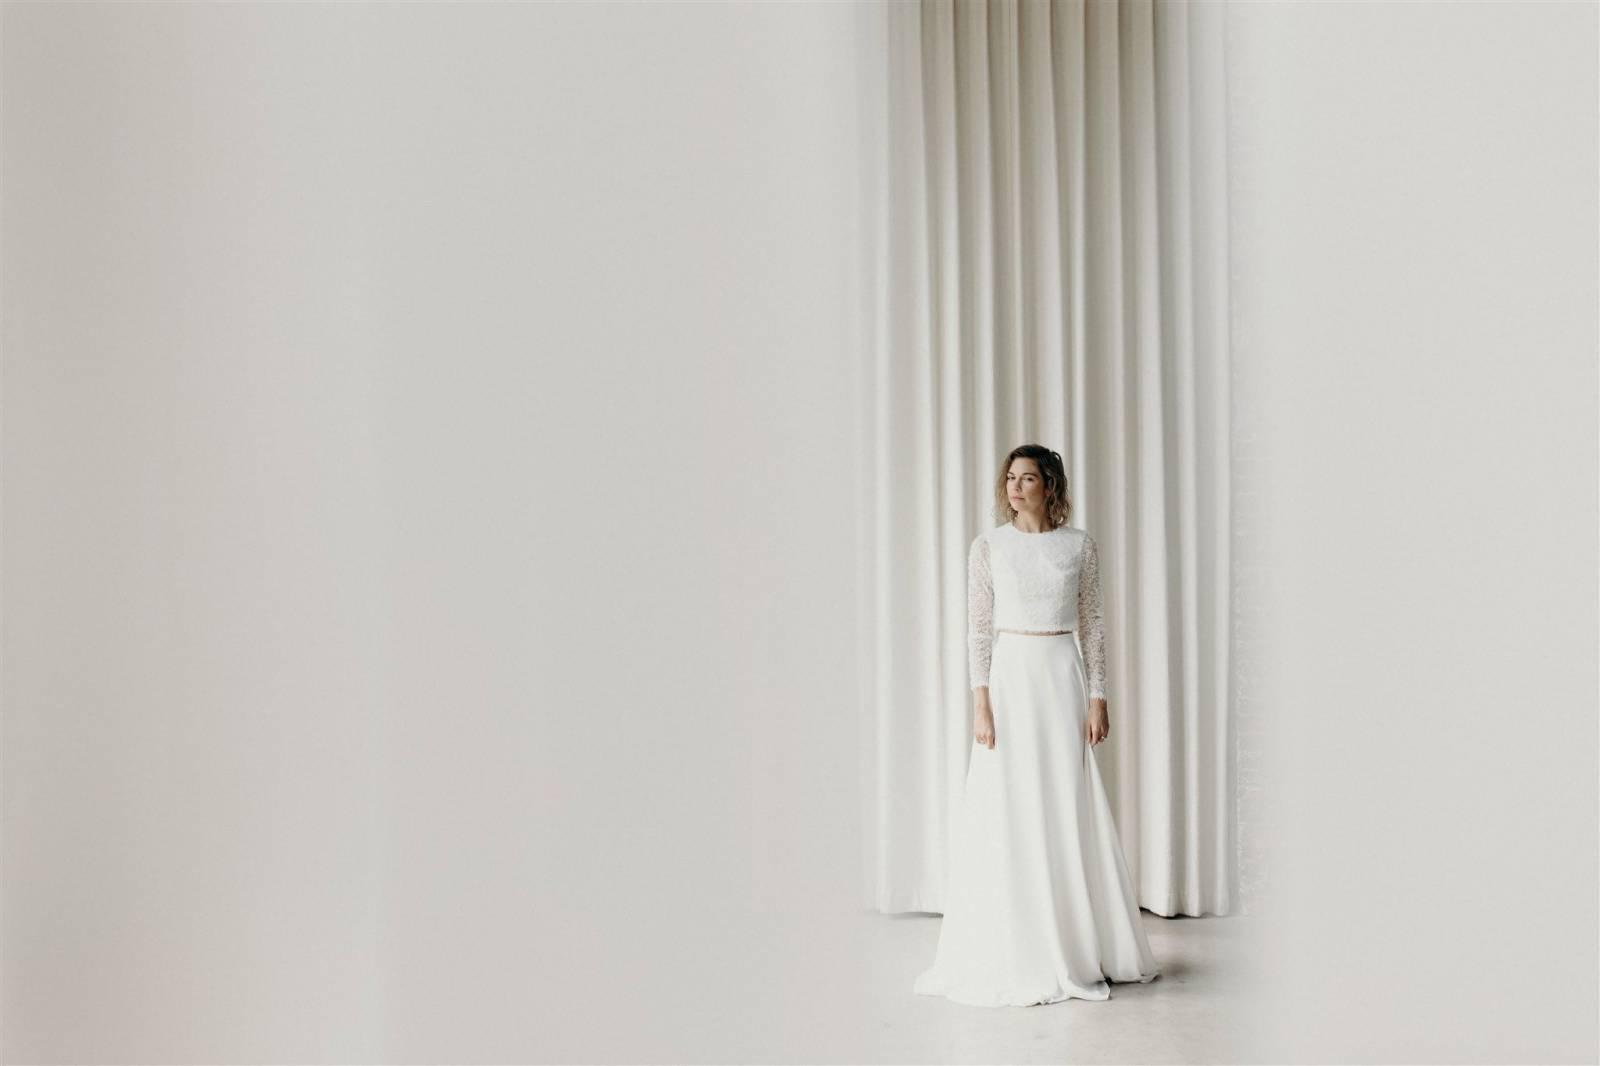 Sikkema - Trouwjurk - Bruidswinkel - Fotograaf Elke van den Ende - House of Weddings - 11